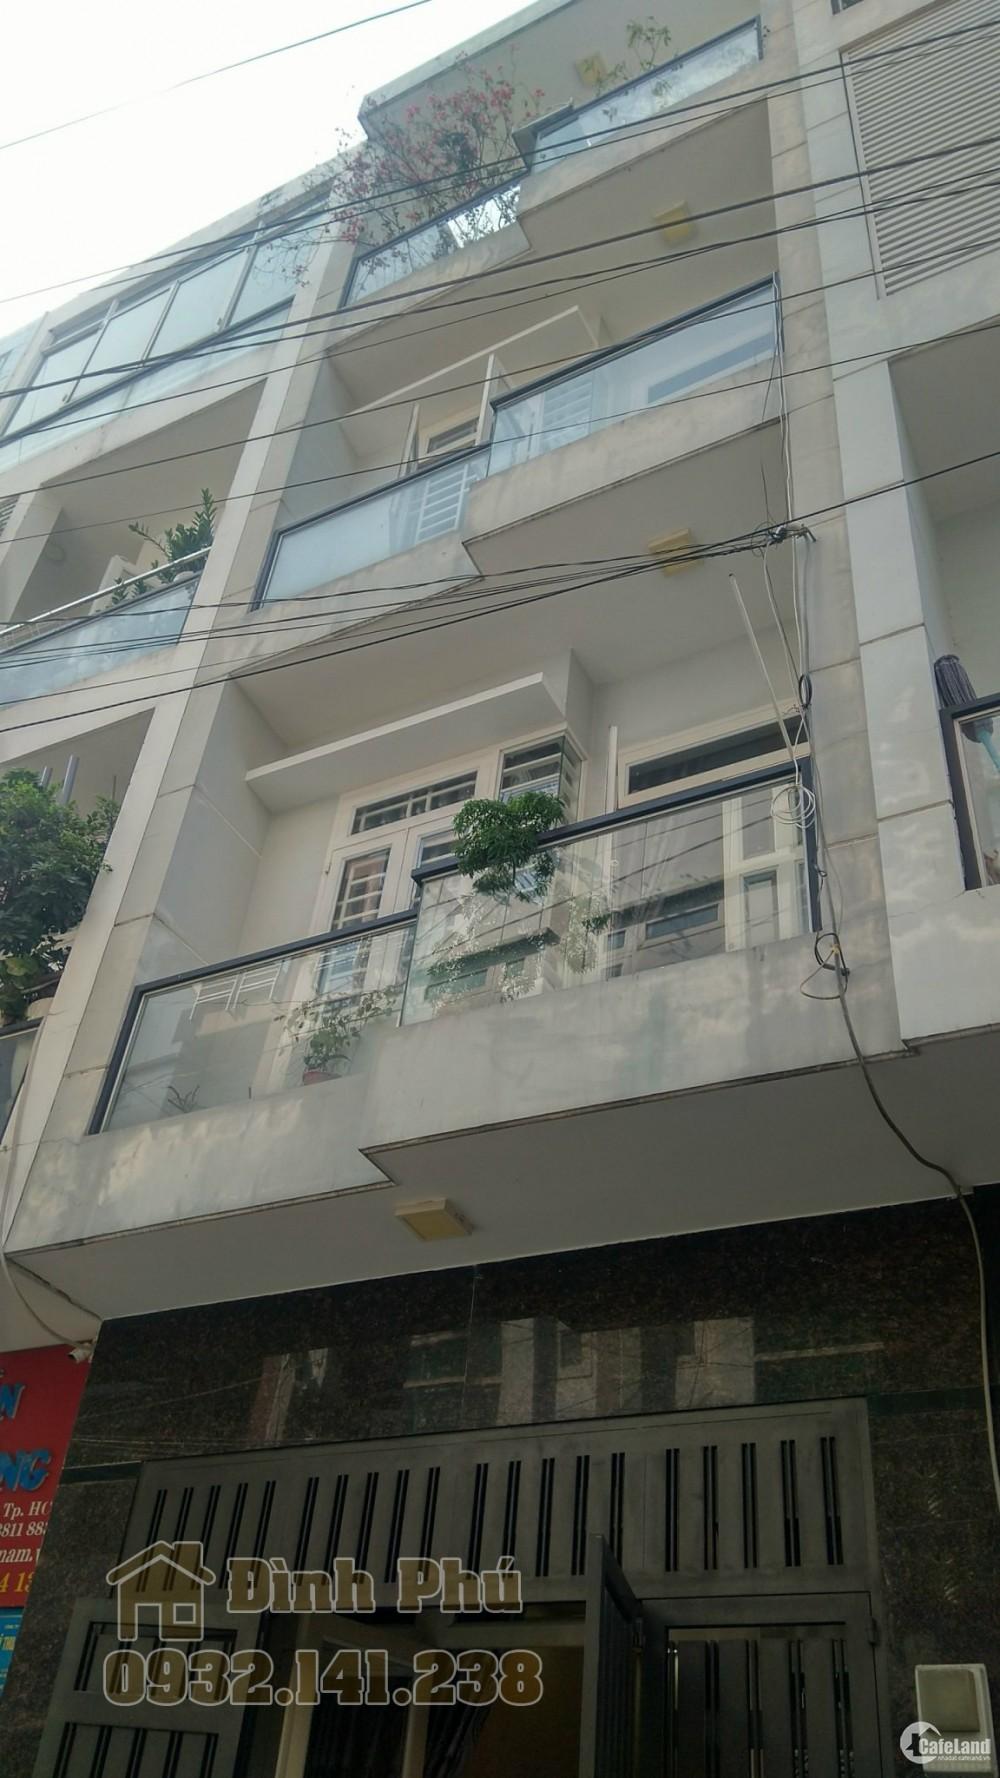 Bán nhà hẻm đường Tân Kỳ Tân Quý, quận Tân Phú, DT: 4x14 Giá 7 Tỷ